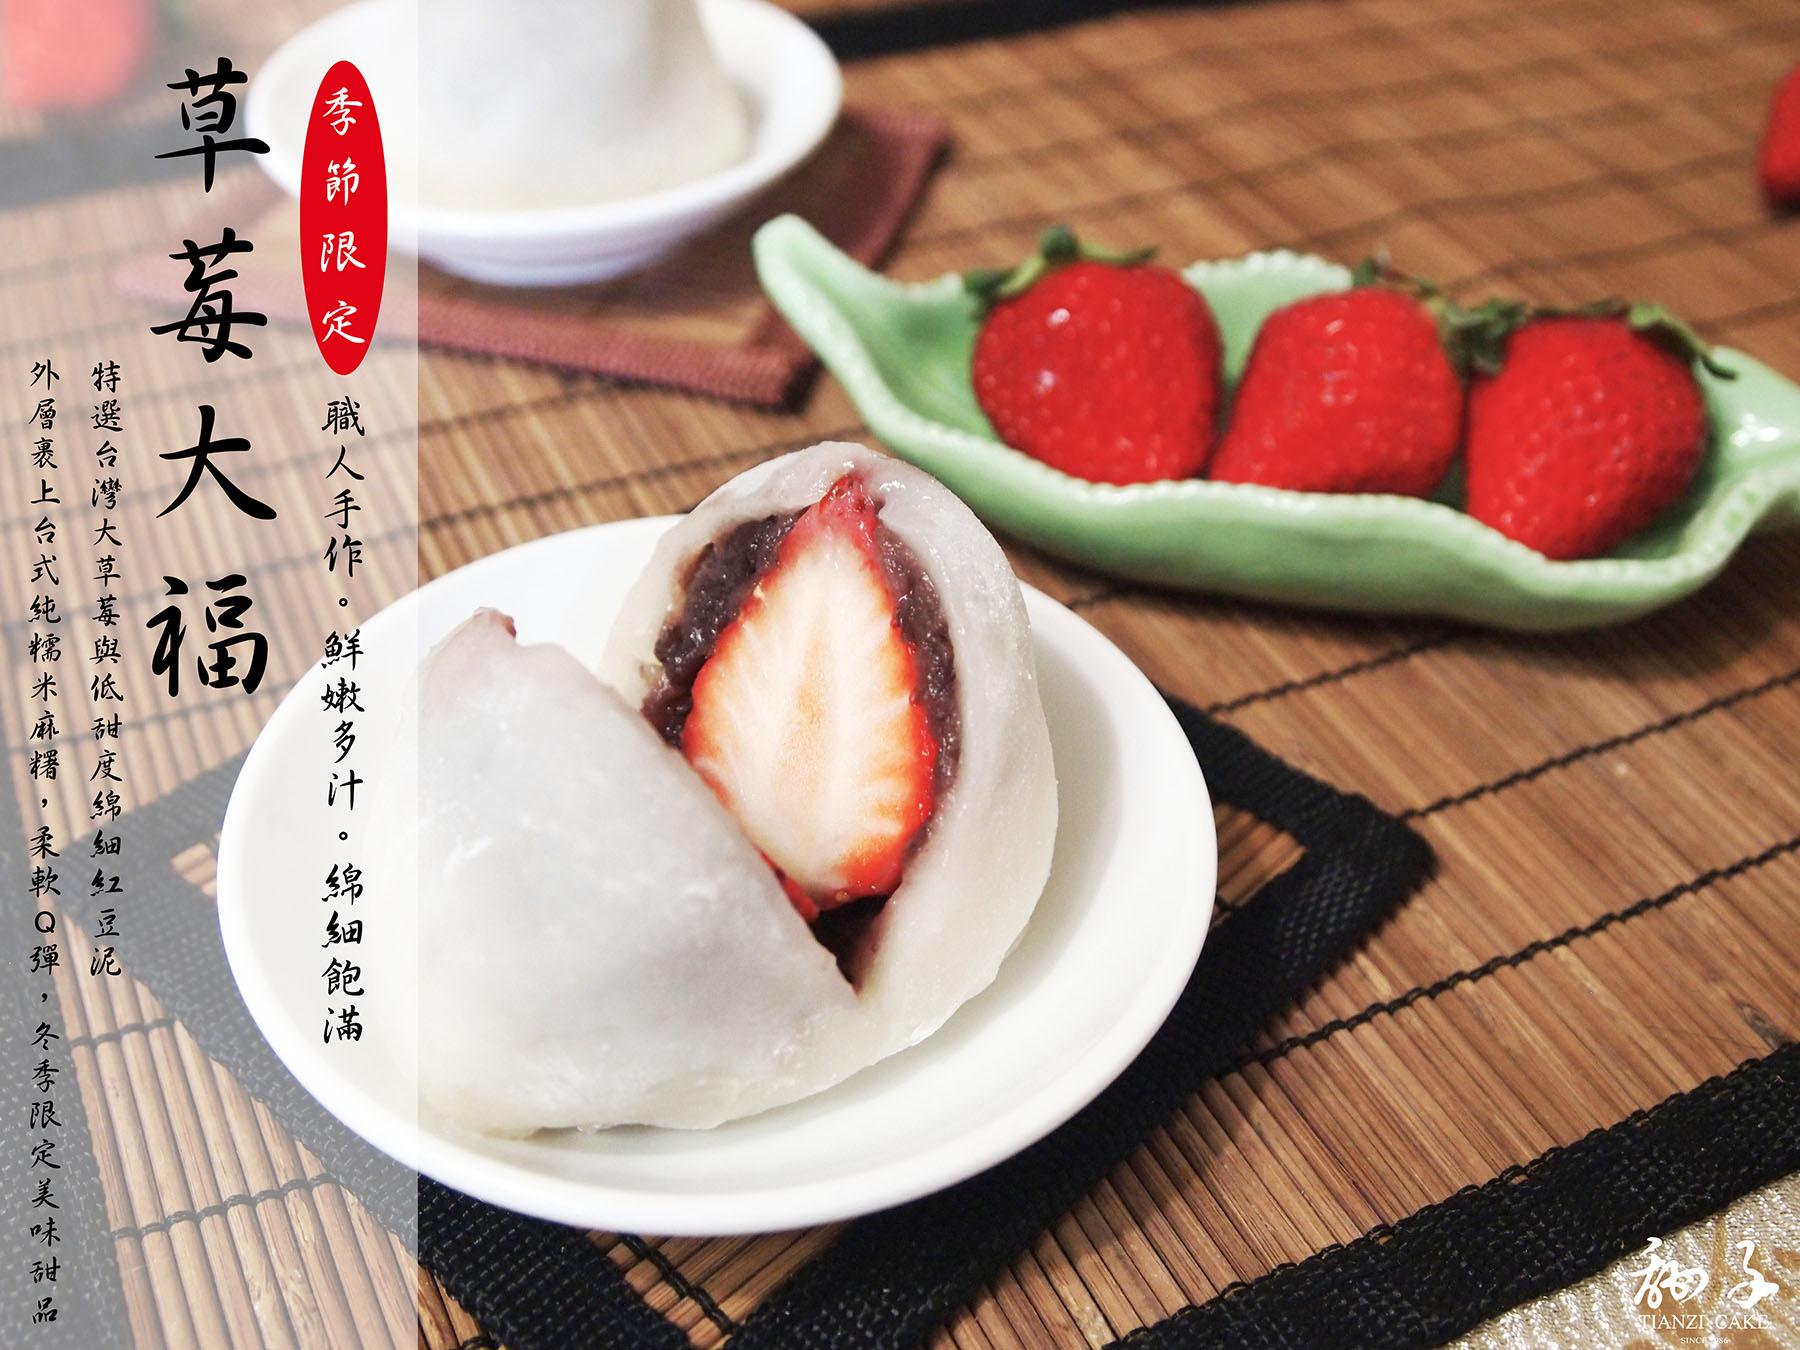 草莓大福2入組(限高雄門市自取)|冬季限定|特選台灣大草莓 X 綿細紅豆泥 X 軟Q麻糬